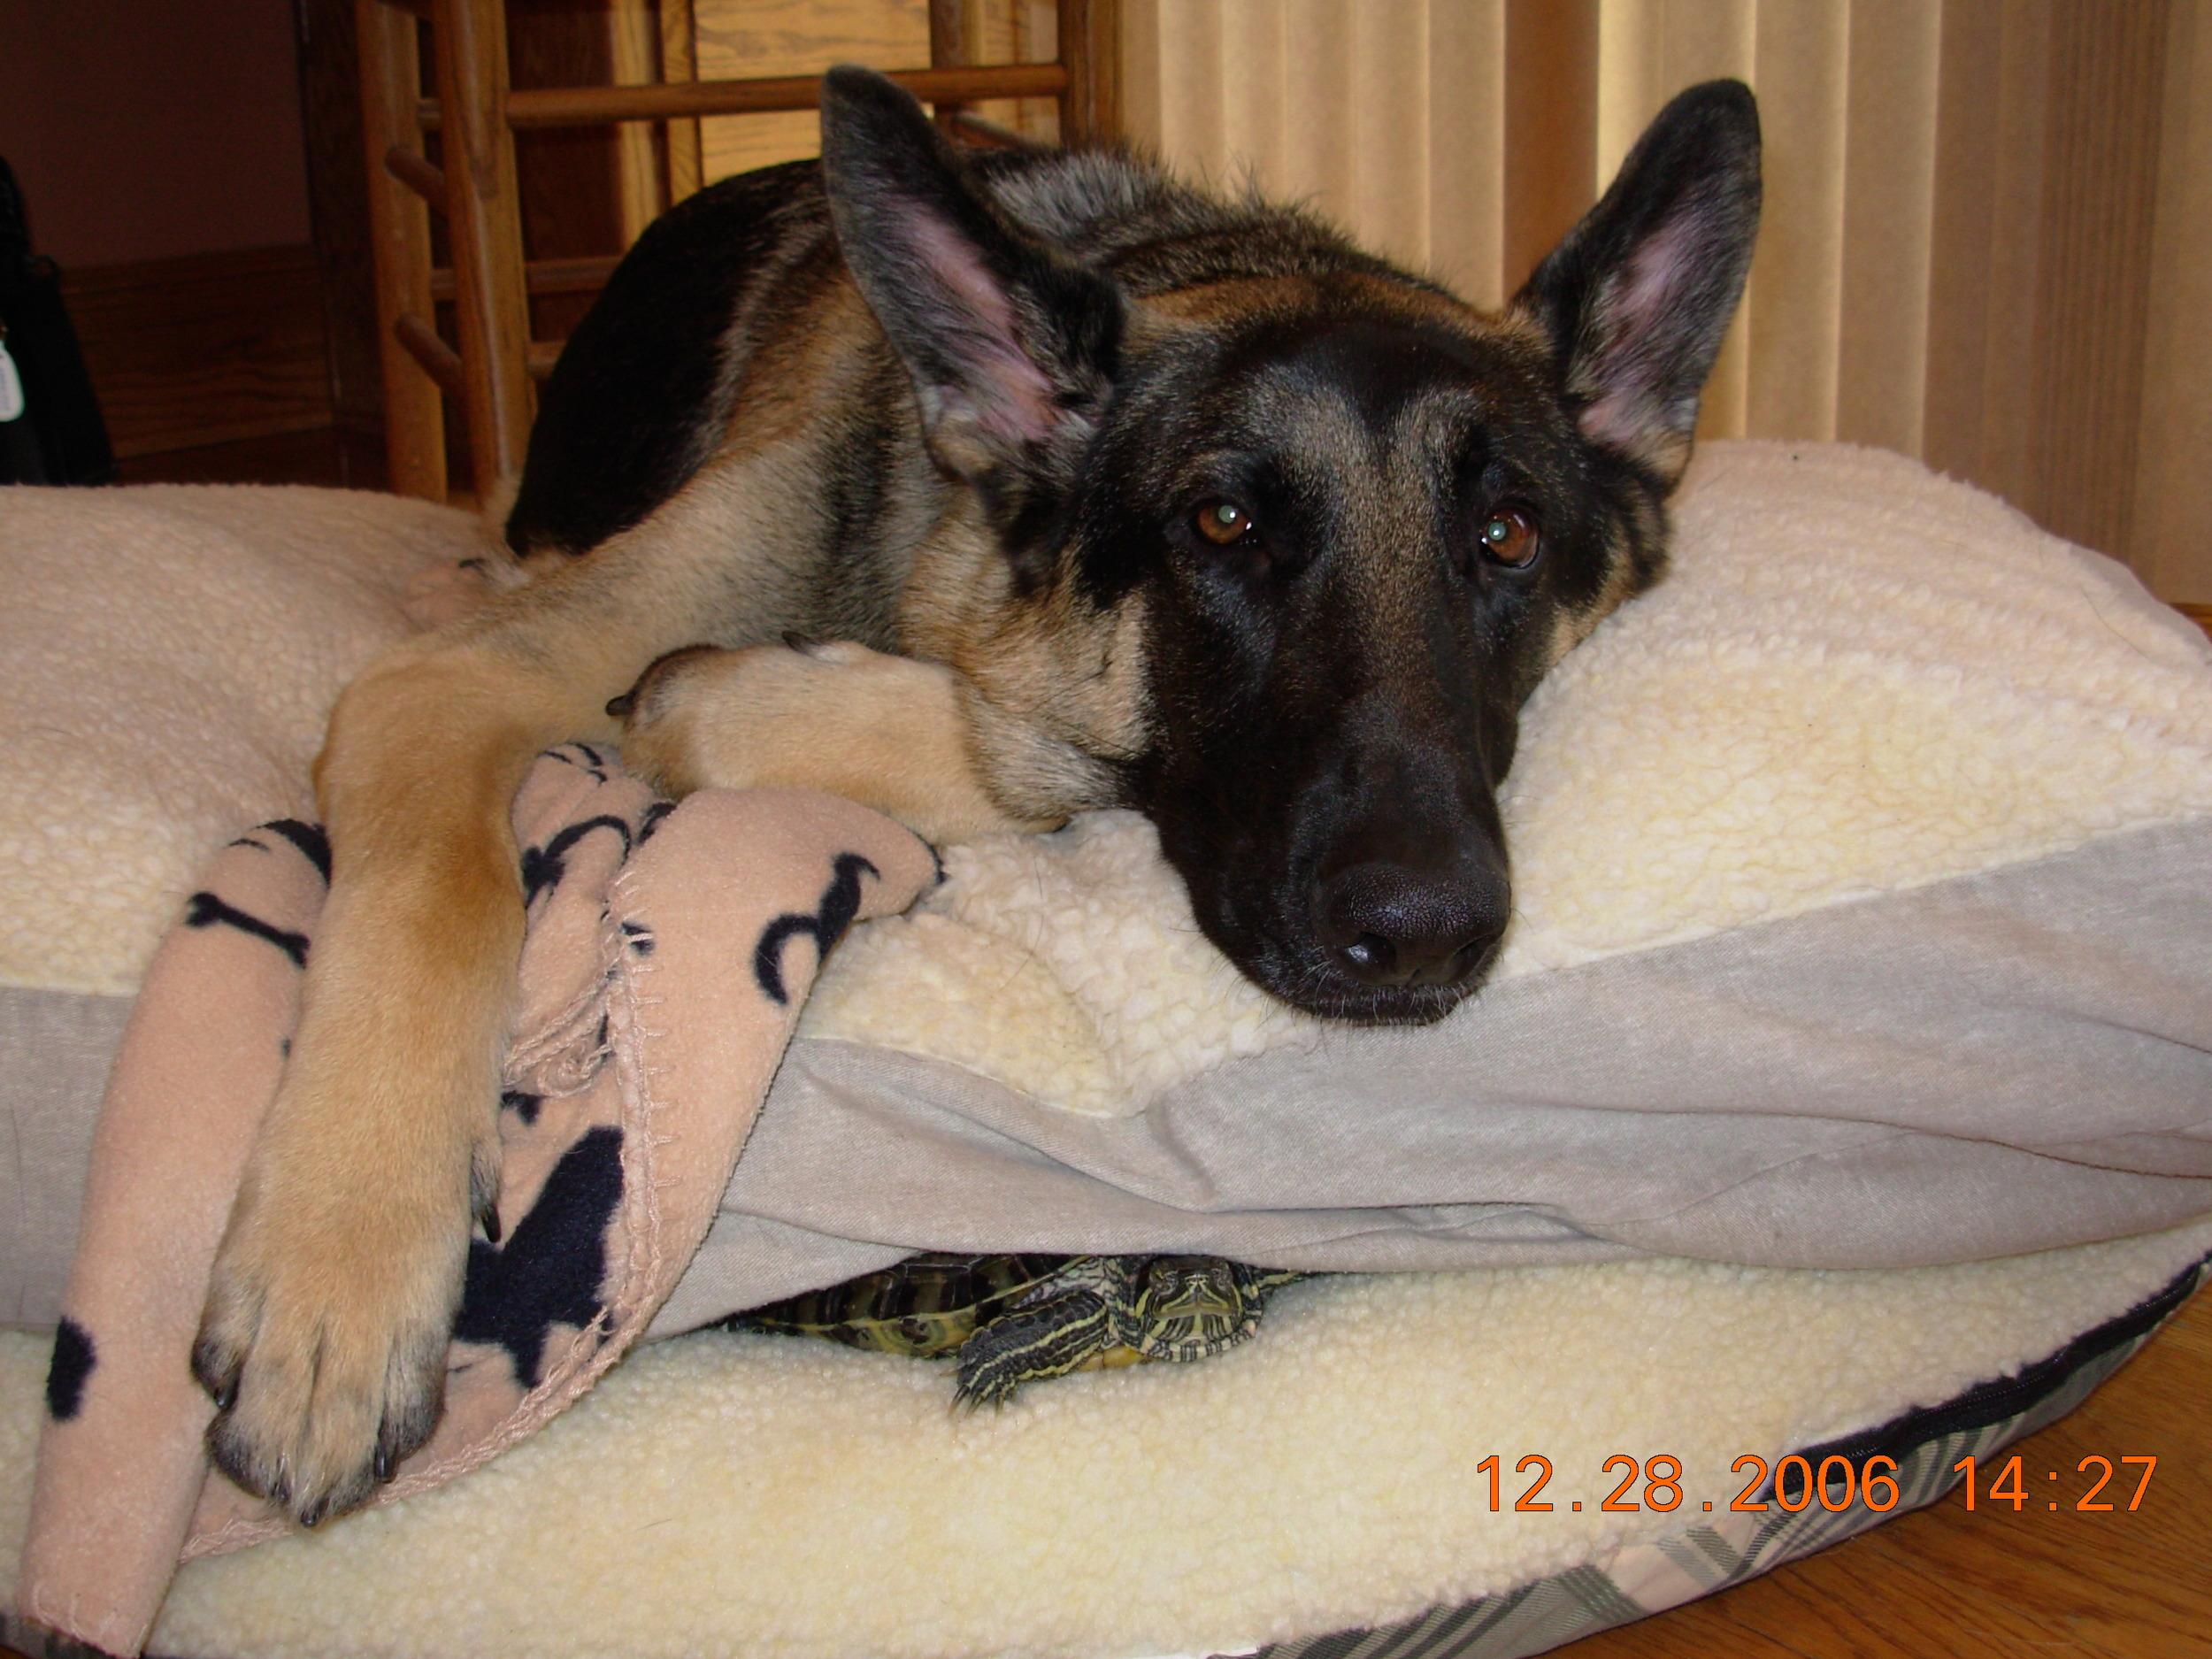 Meiko - June 30,2005 - April 18, 2012